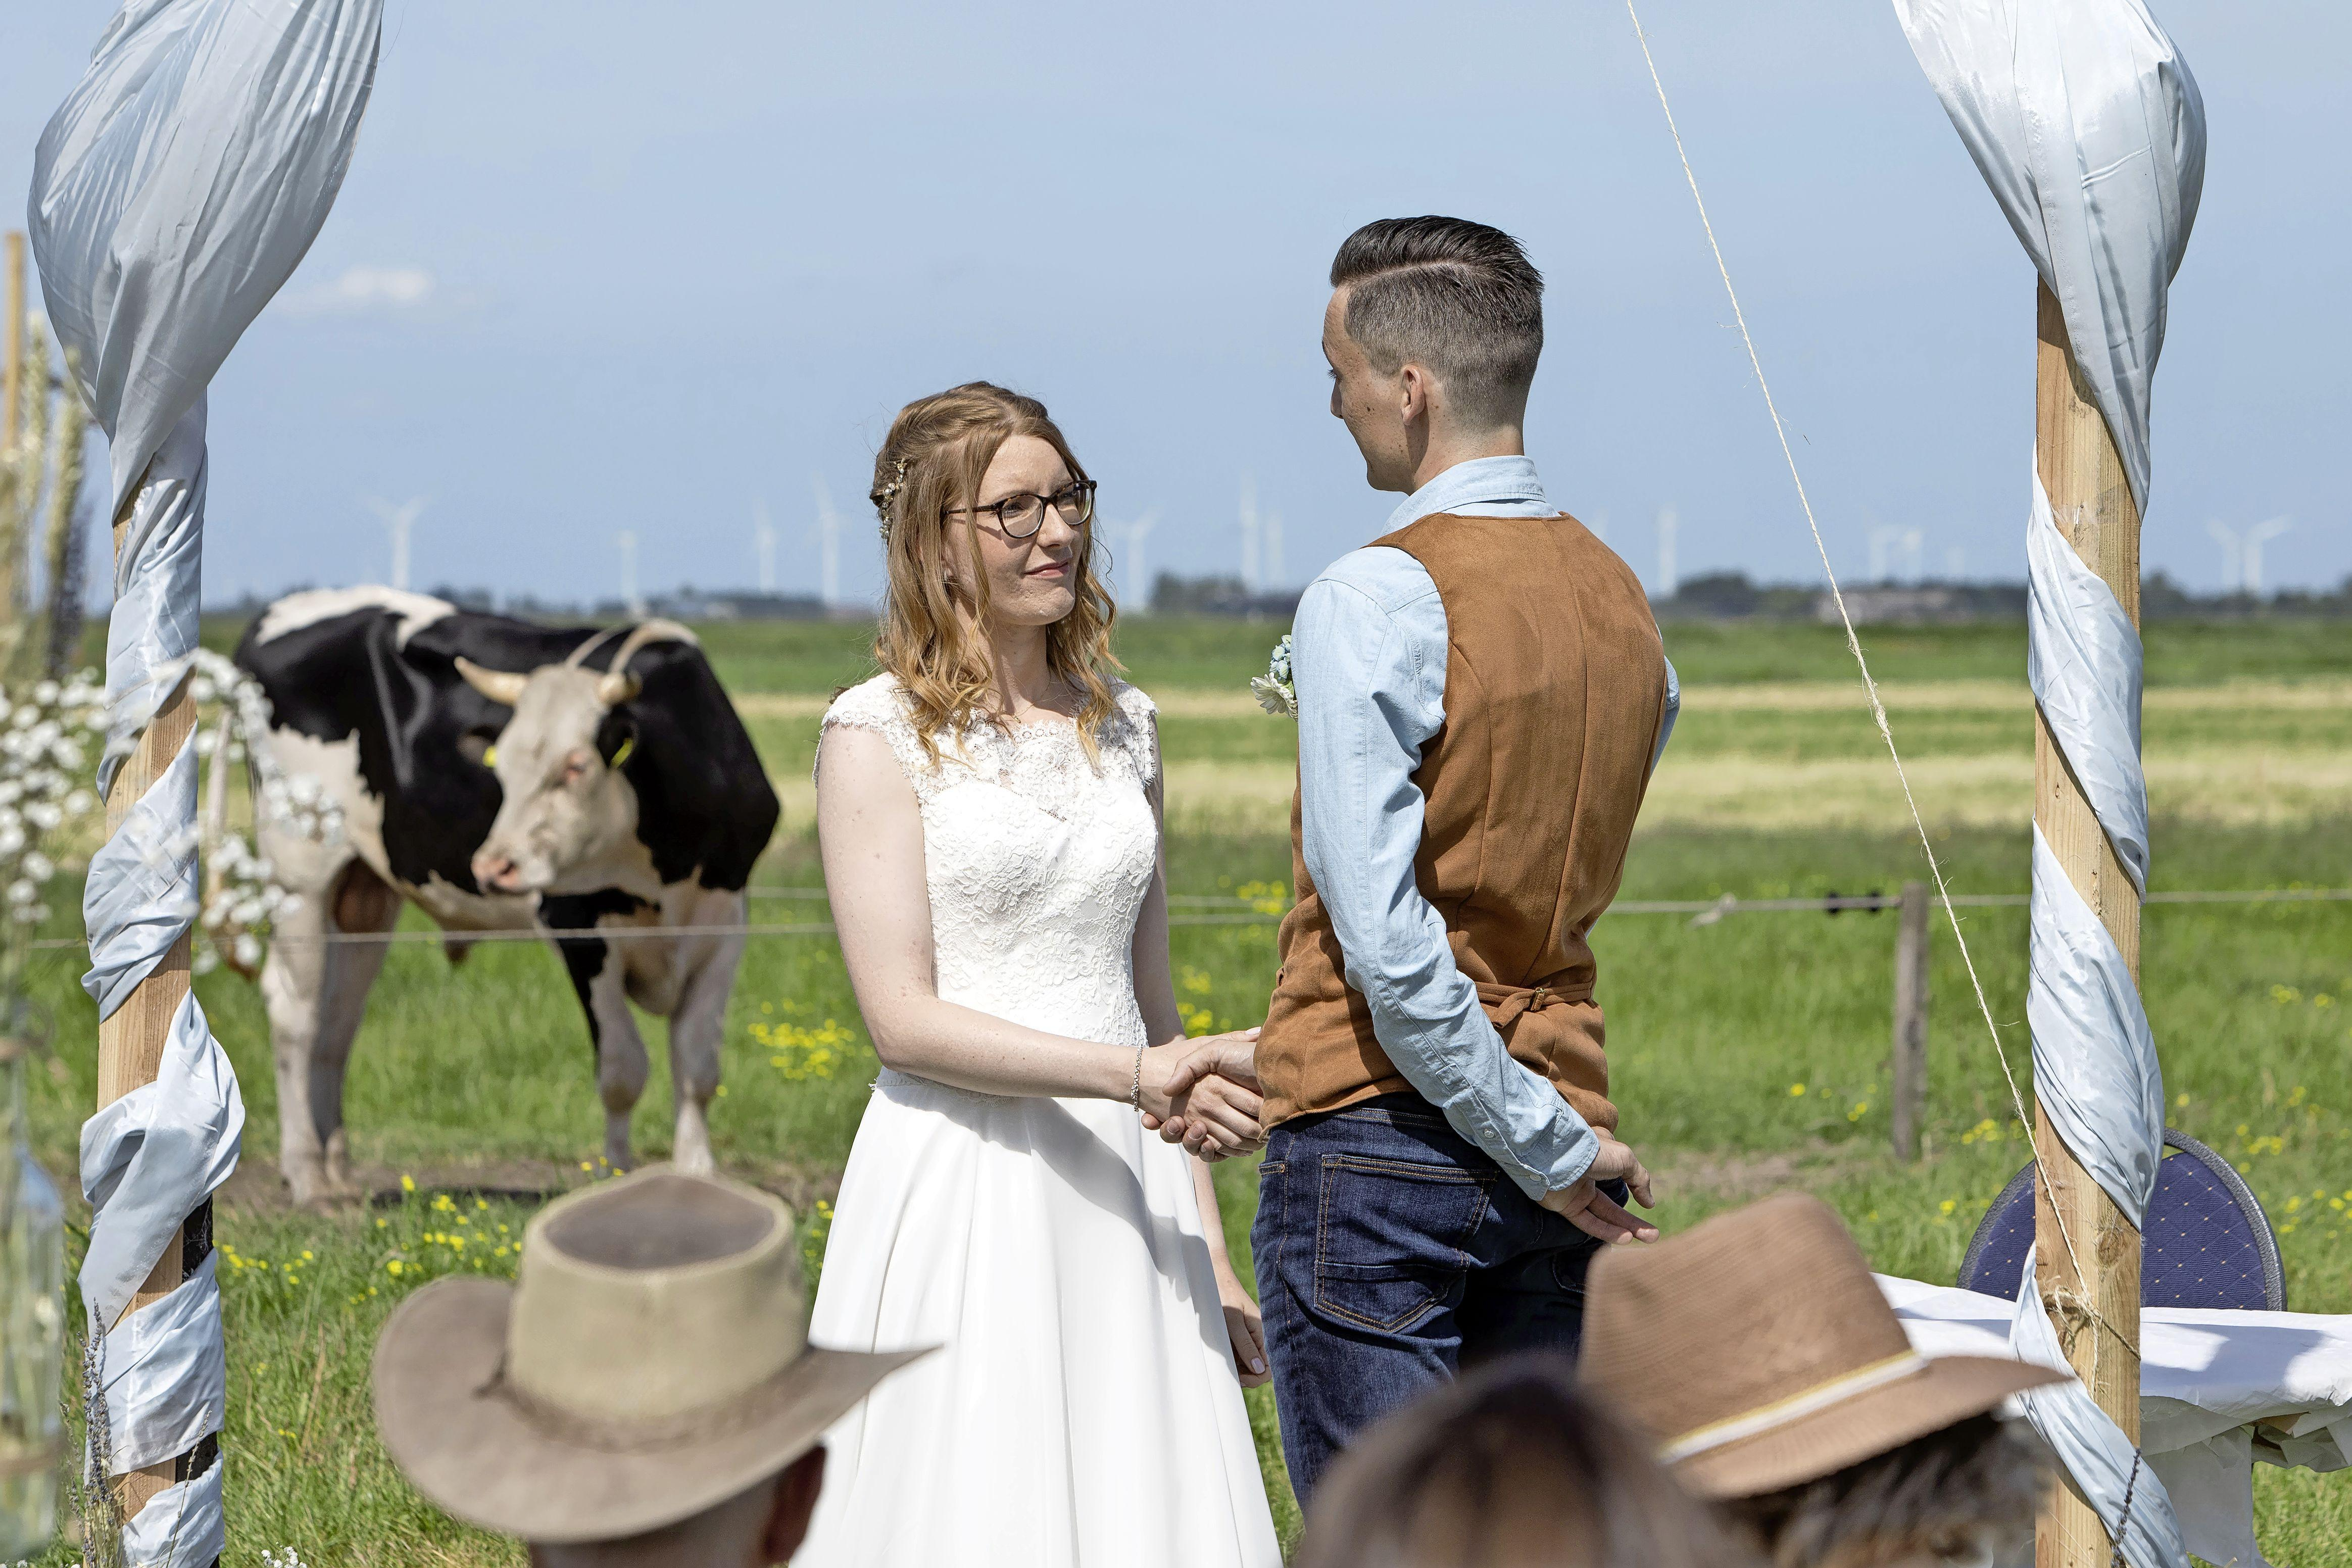 Trouwen in de Eempolder, Lisa en Tim deden dit: 'Een droom die uitkomt, voor één dag was het weiland een officiële huwelijkslocatie'